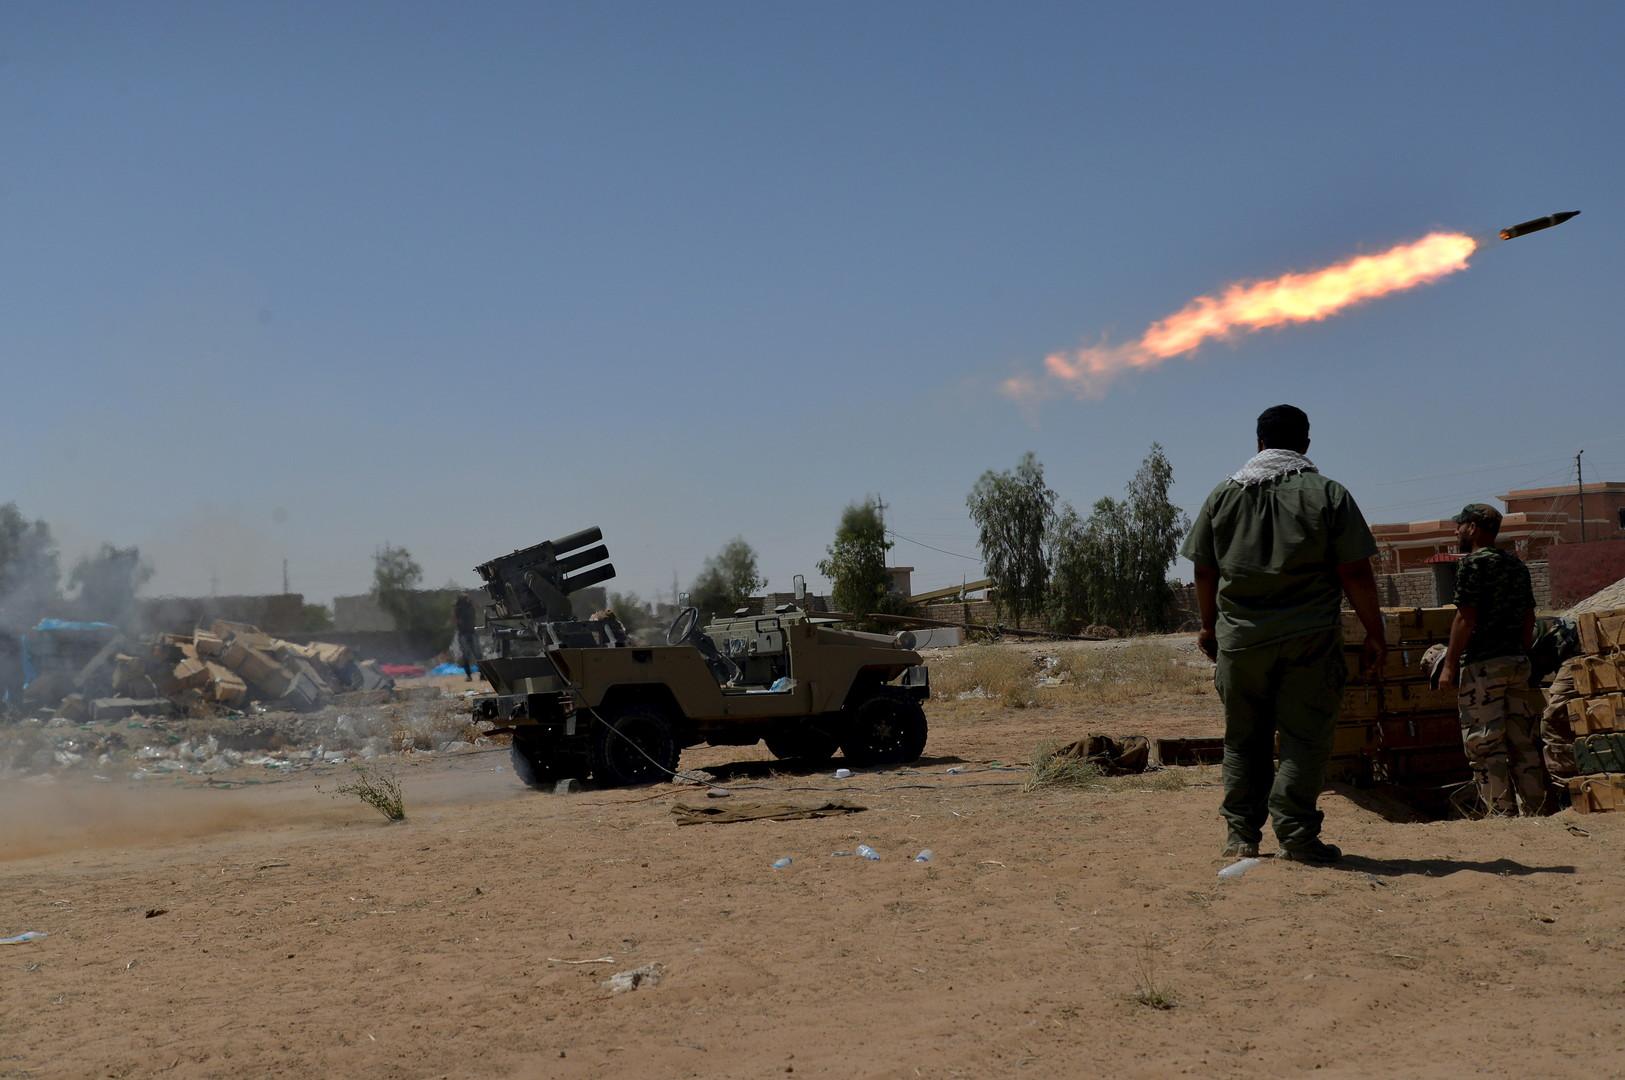 معارك مخمور تثير المخاوف بشان قدرة الجيش العراقي على تحرير الموصل